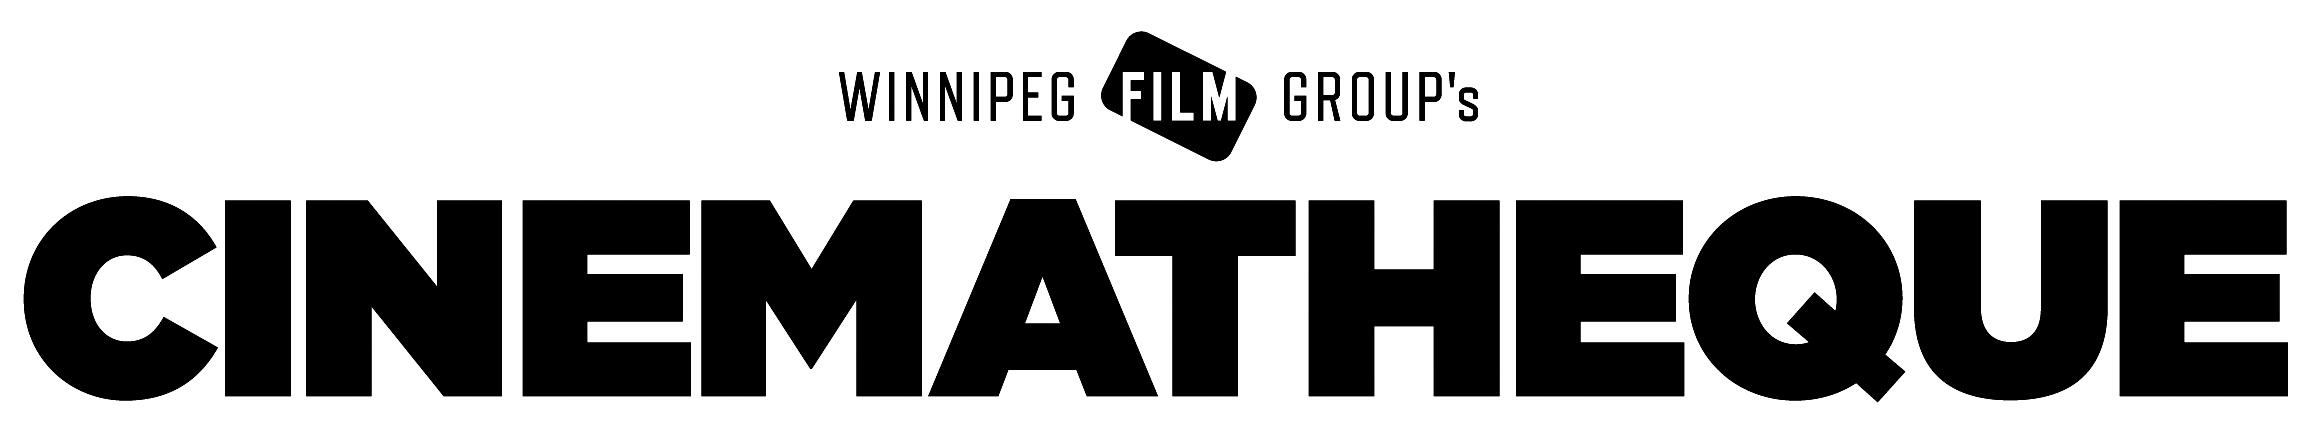 WFG_CINEMATHEQUE (2014 logo).jpg